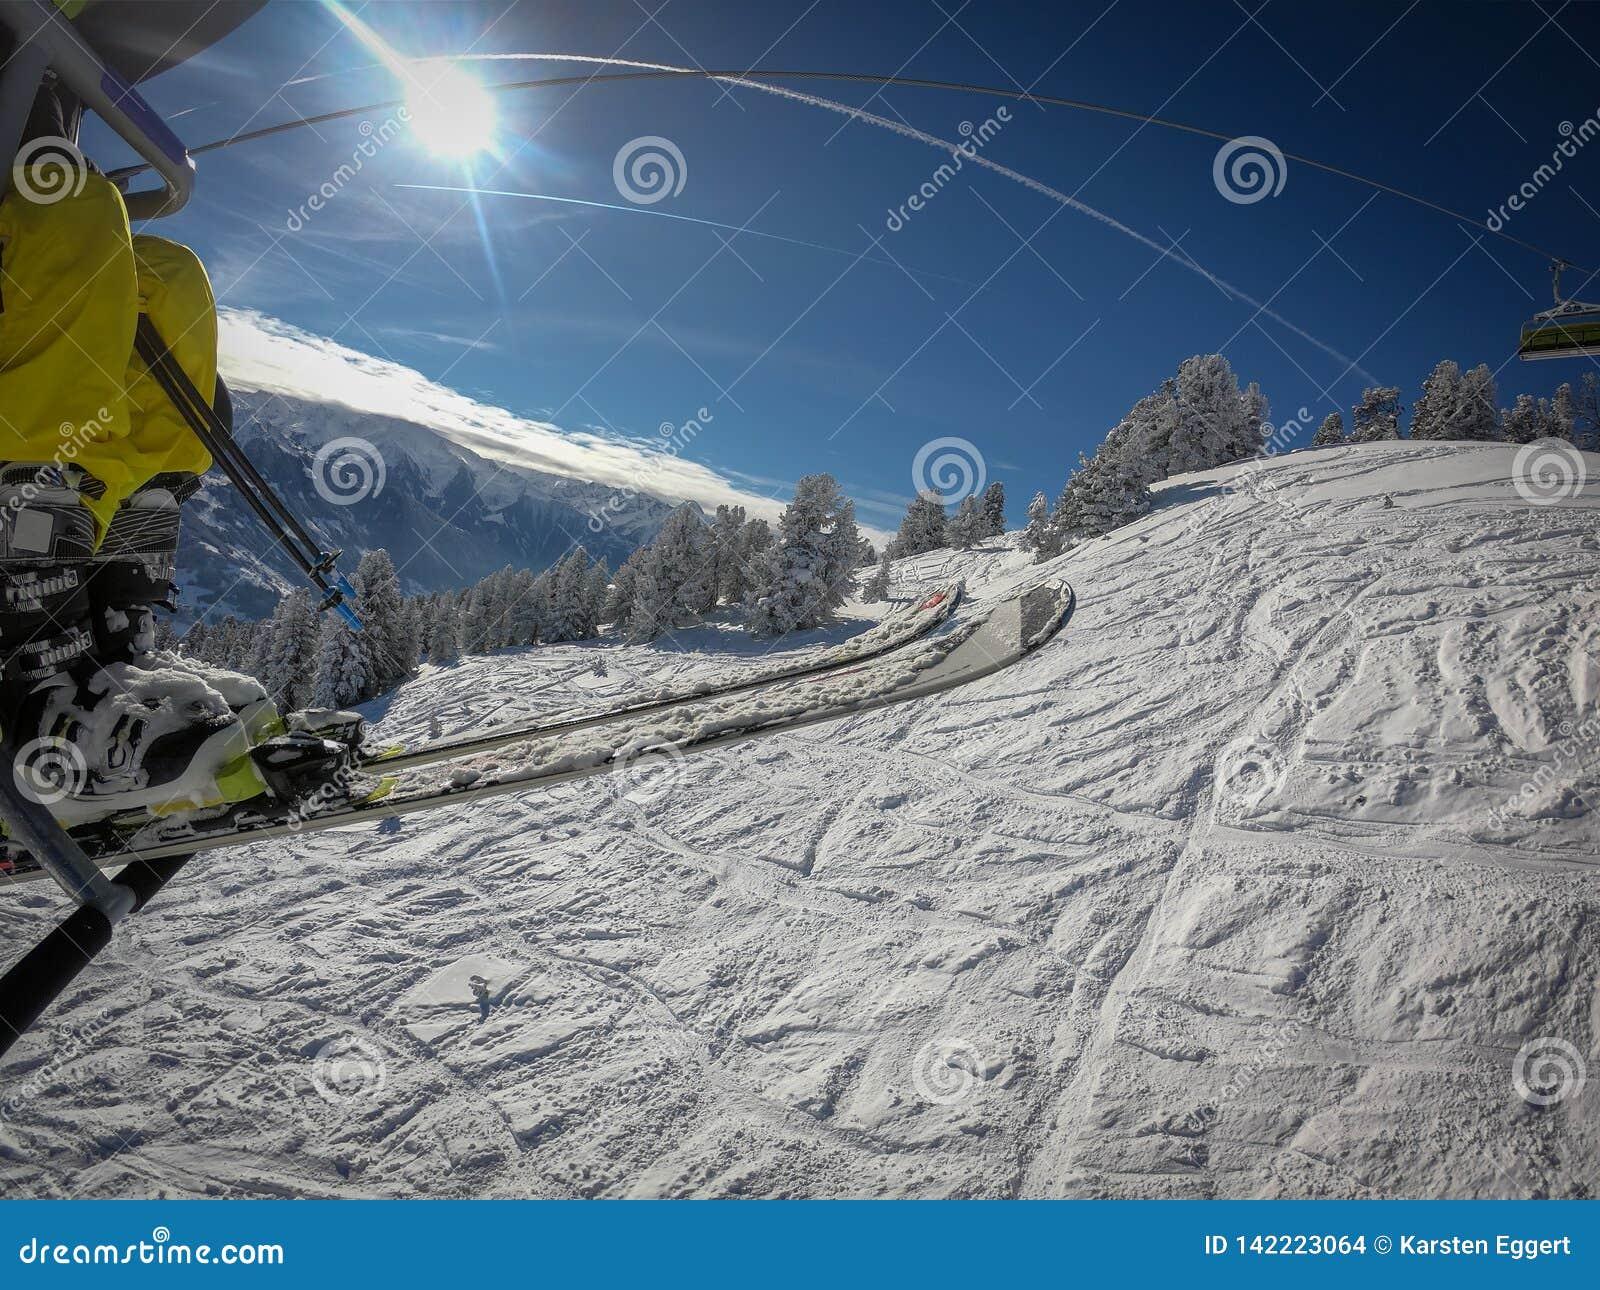 Sesselbahn nimmt Sie über dem Skigebiet mit blauen Himmeln und weißen Steigungen